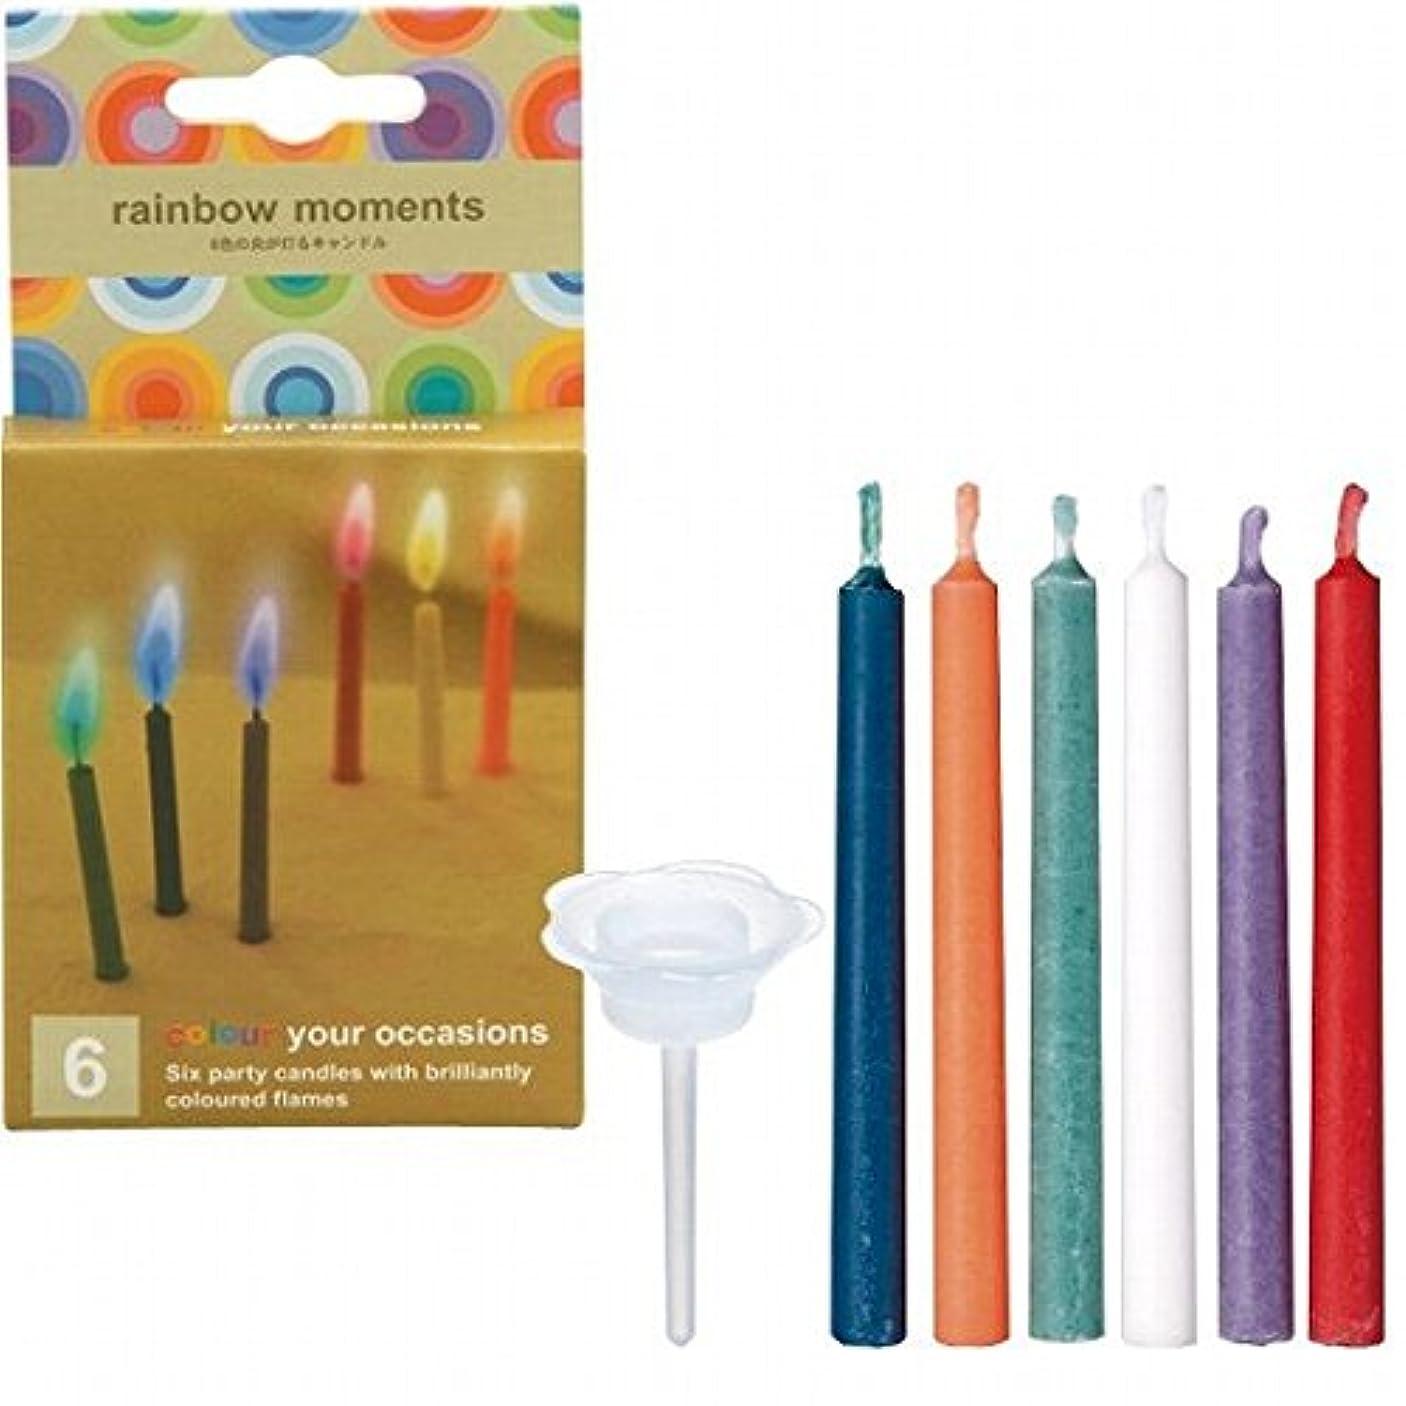 がっかりしたもろいホームカメヤマキャンドル( kameyama candle ) rainbowmoments(レインボーモーメント)6色6本入り 「 6本入り 」 キャンドル